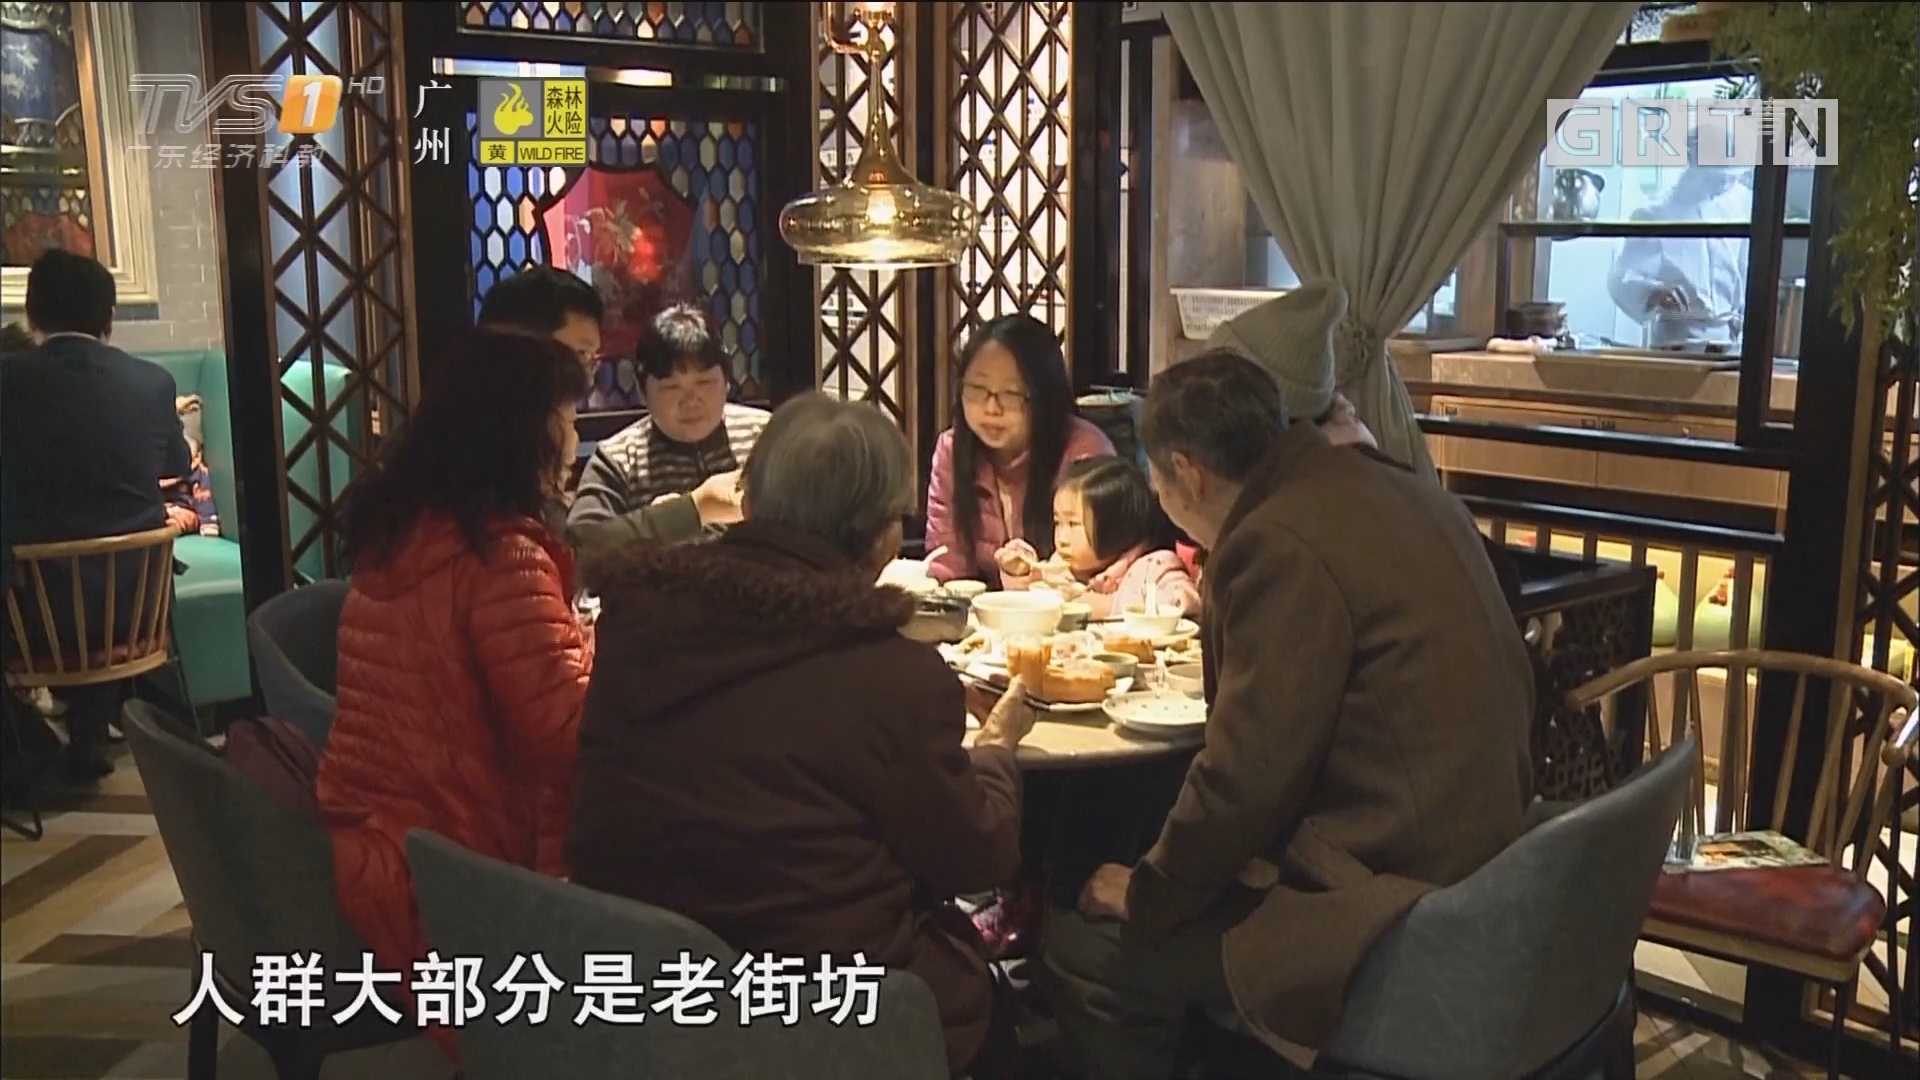 新春将至 广州人年夜饭这么吃